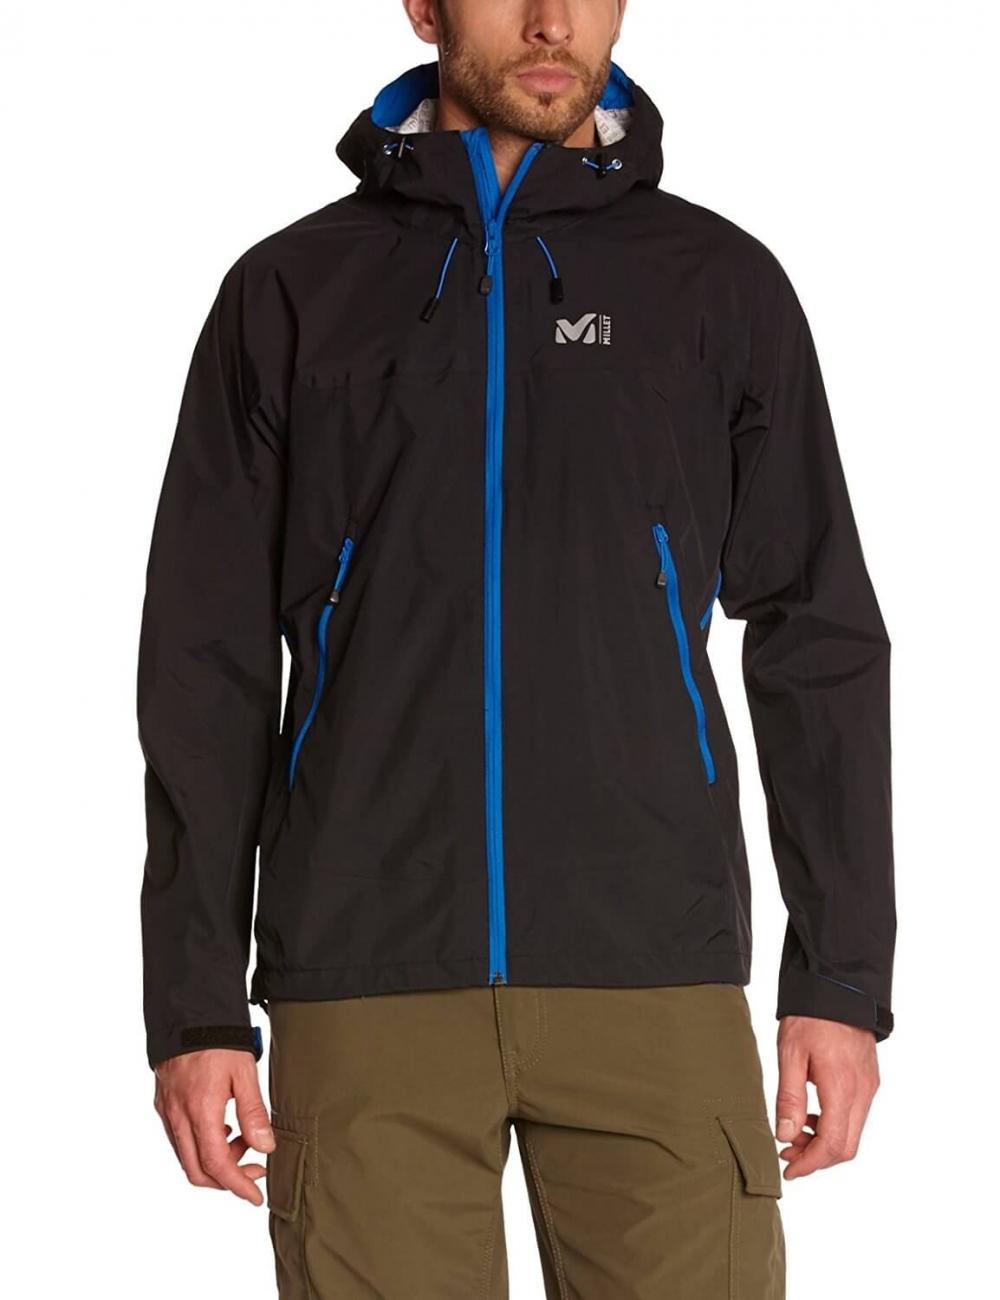 Куртка MILLET Fitz Roy jacket (размер S) - 1